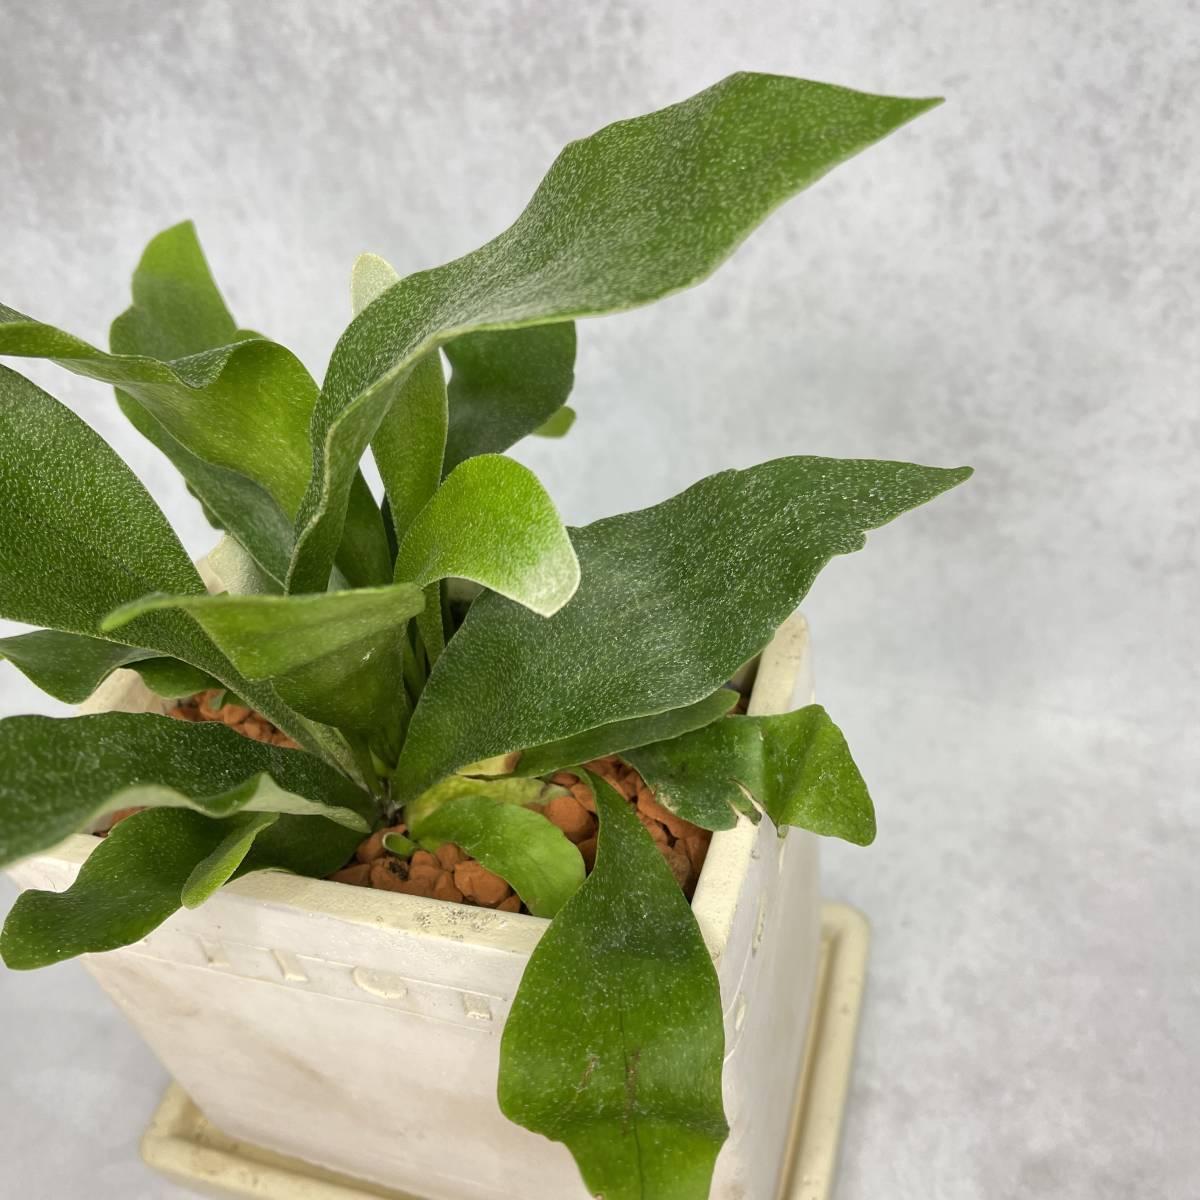 コウモリラン ビカクシダ お洒落アレンジ 植物 観葉植物 プレゼント インテリア